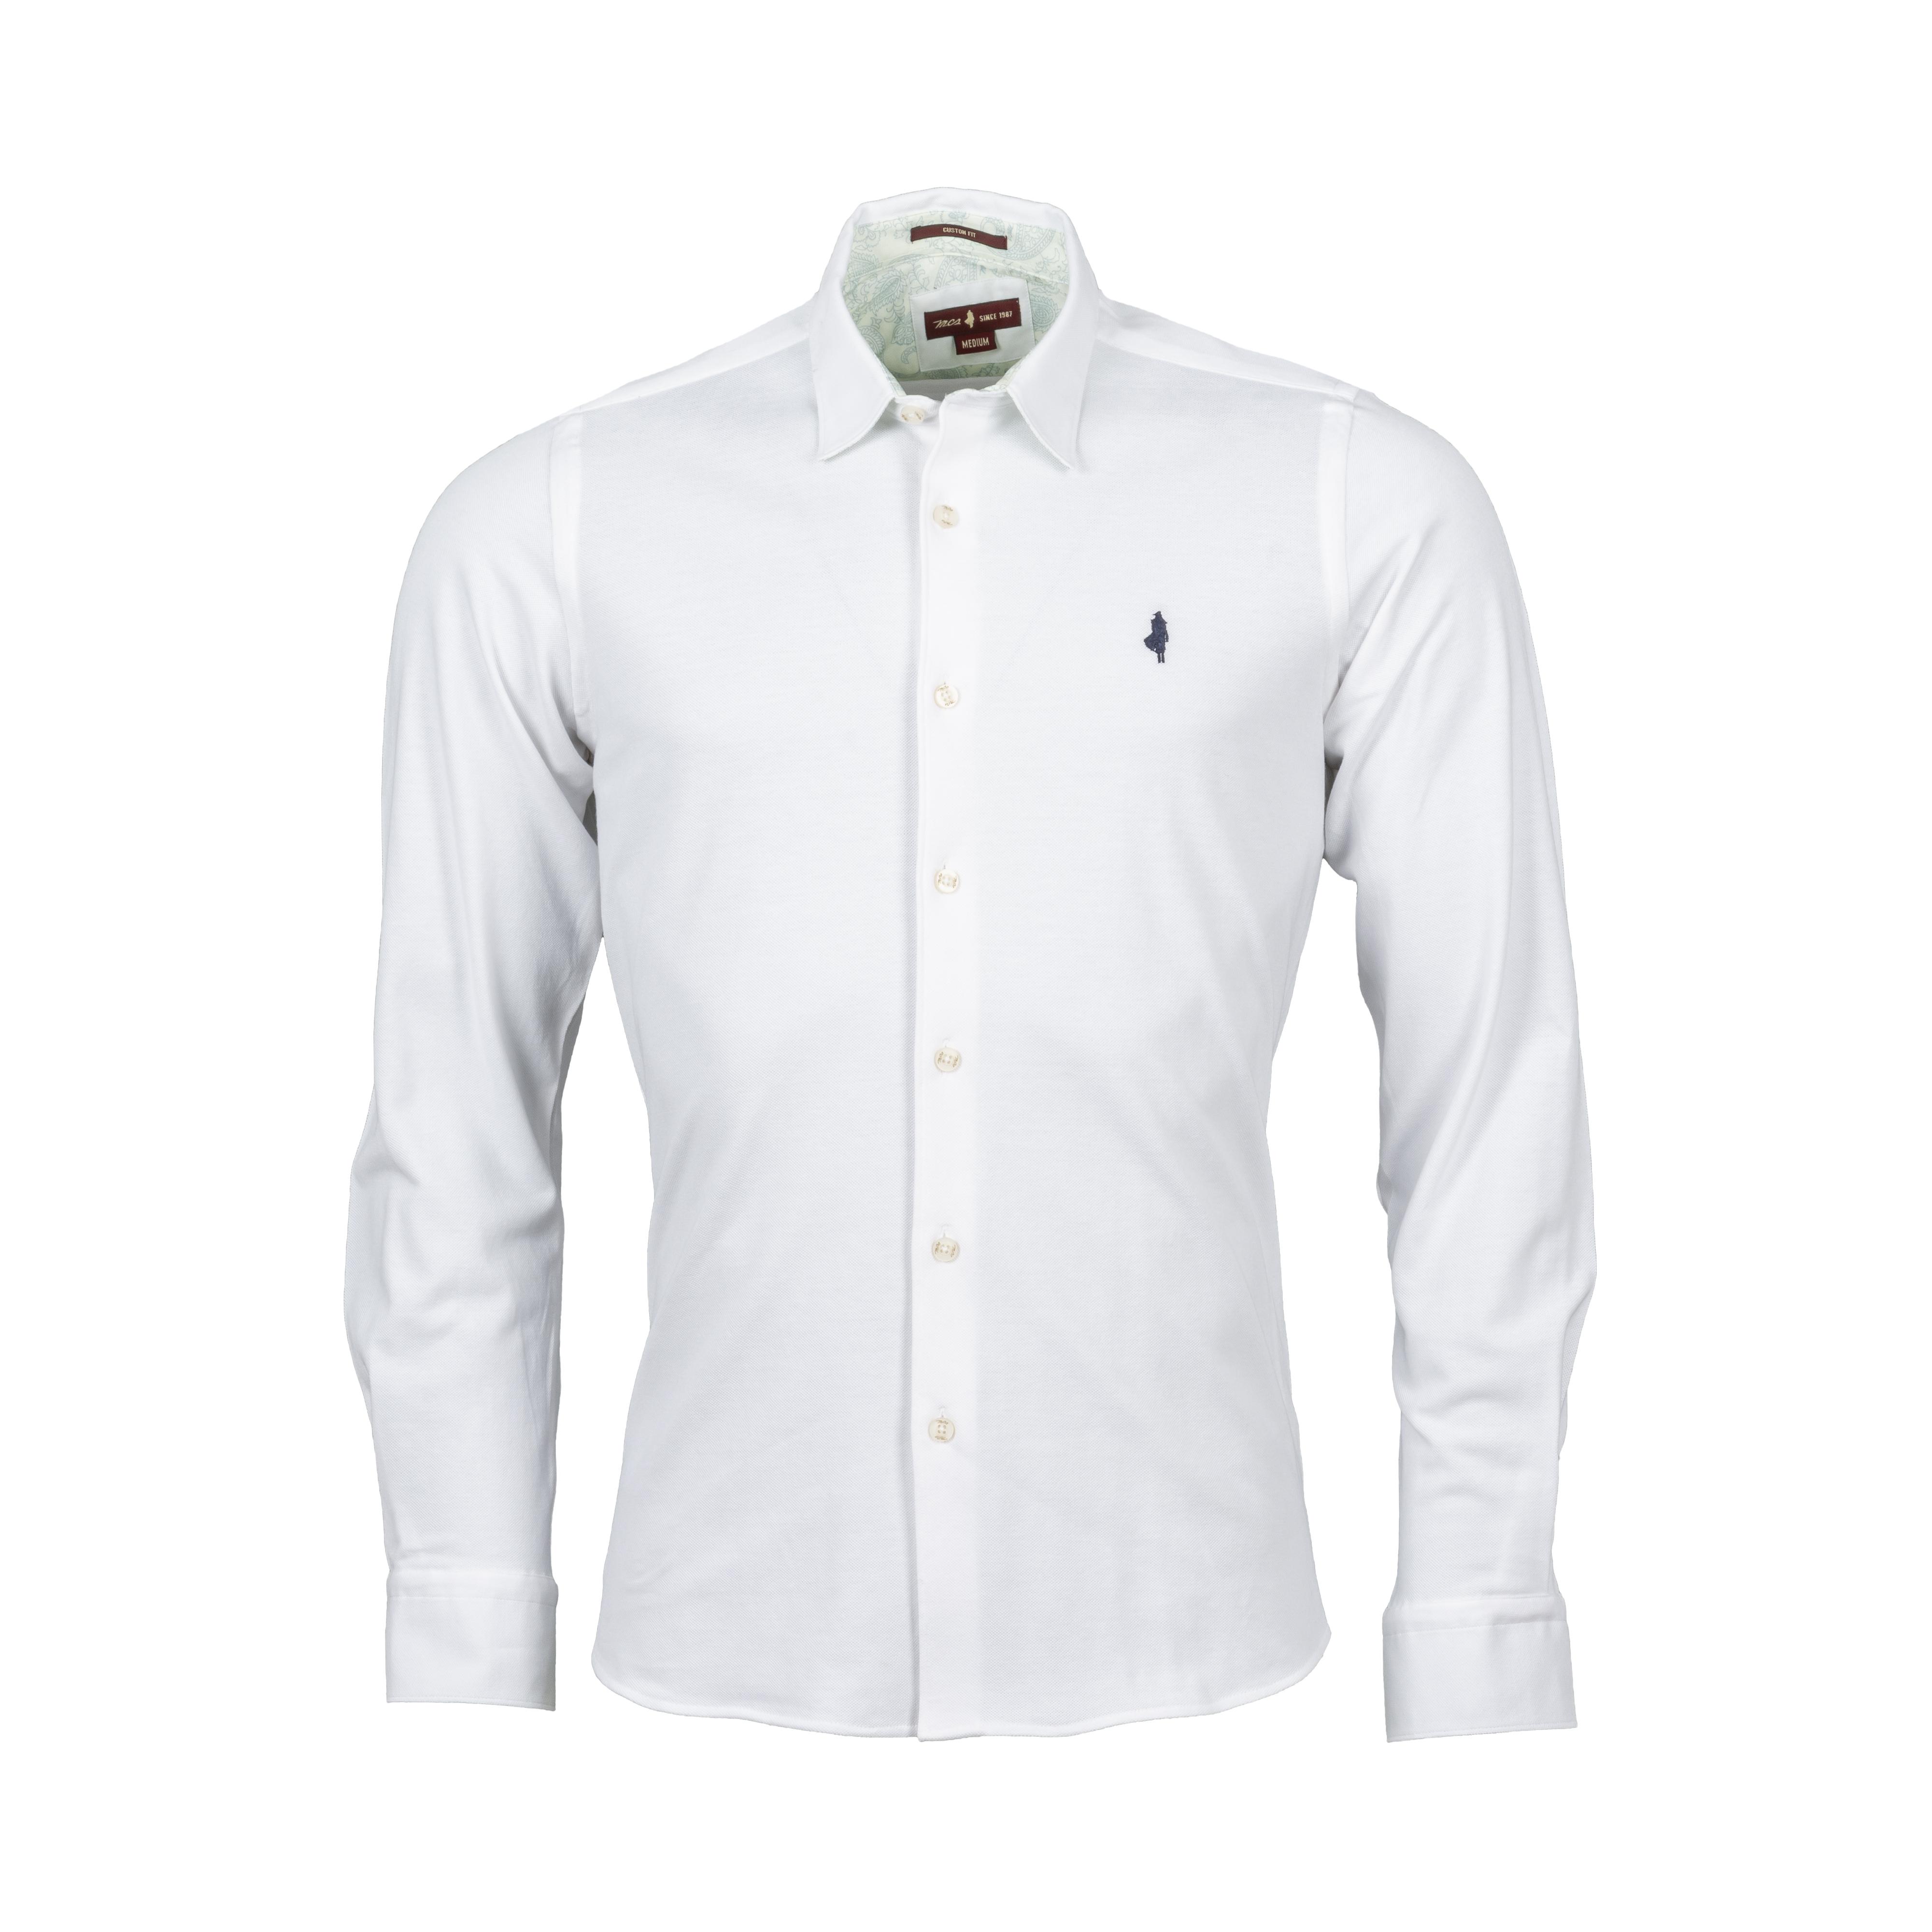 Chemise ajustée manches longues MCS en coton piqué blanc